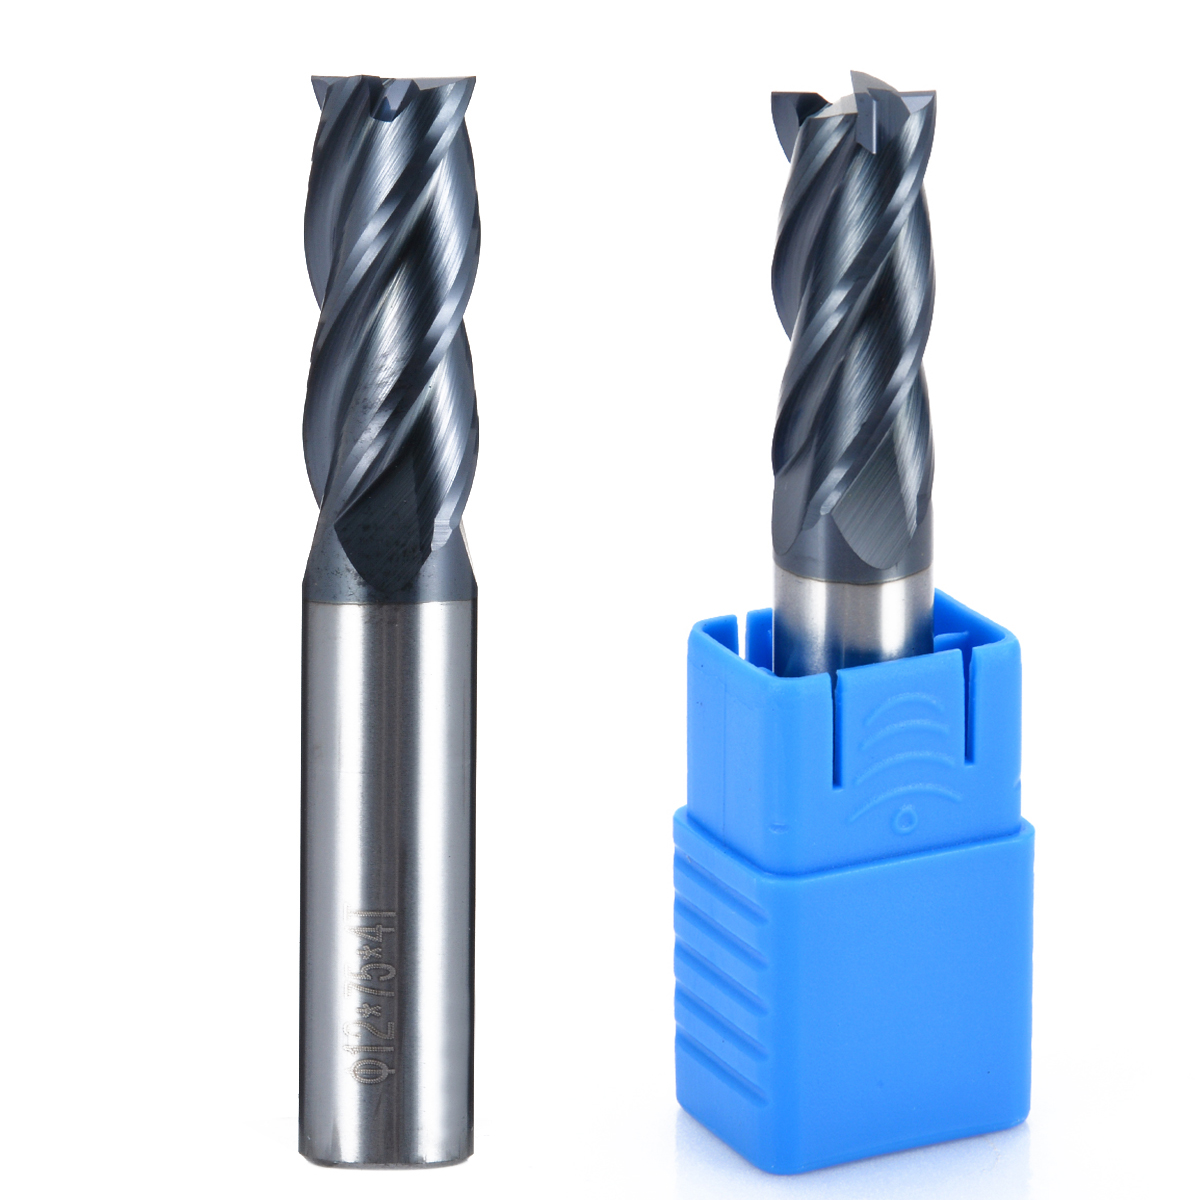 5pcs 4 Flöten 6mm Schaft Hartmetall Schaftfräser Fräser HRC50 CNC Werkzeug